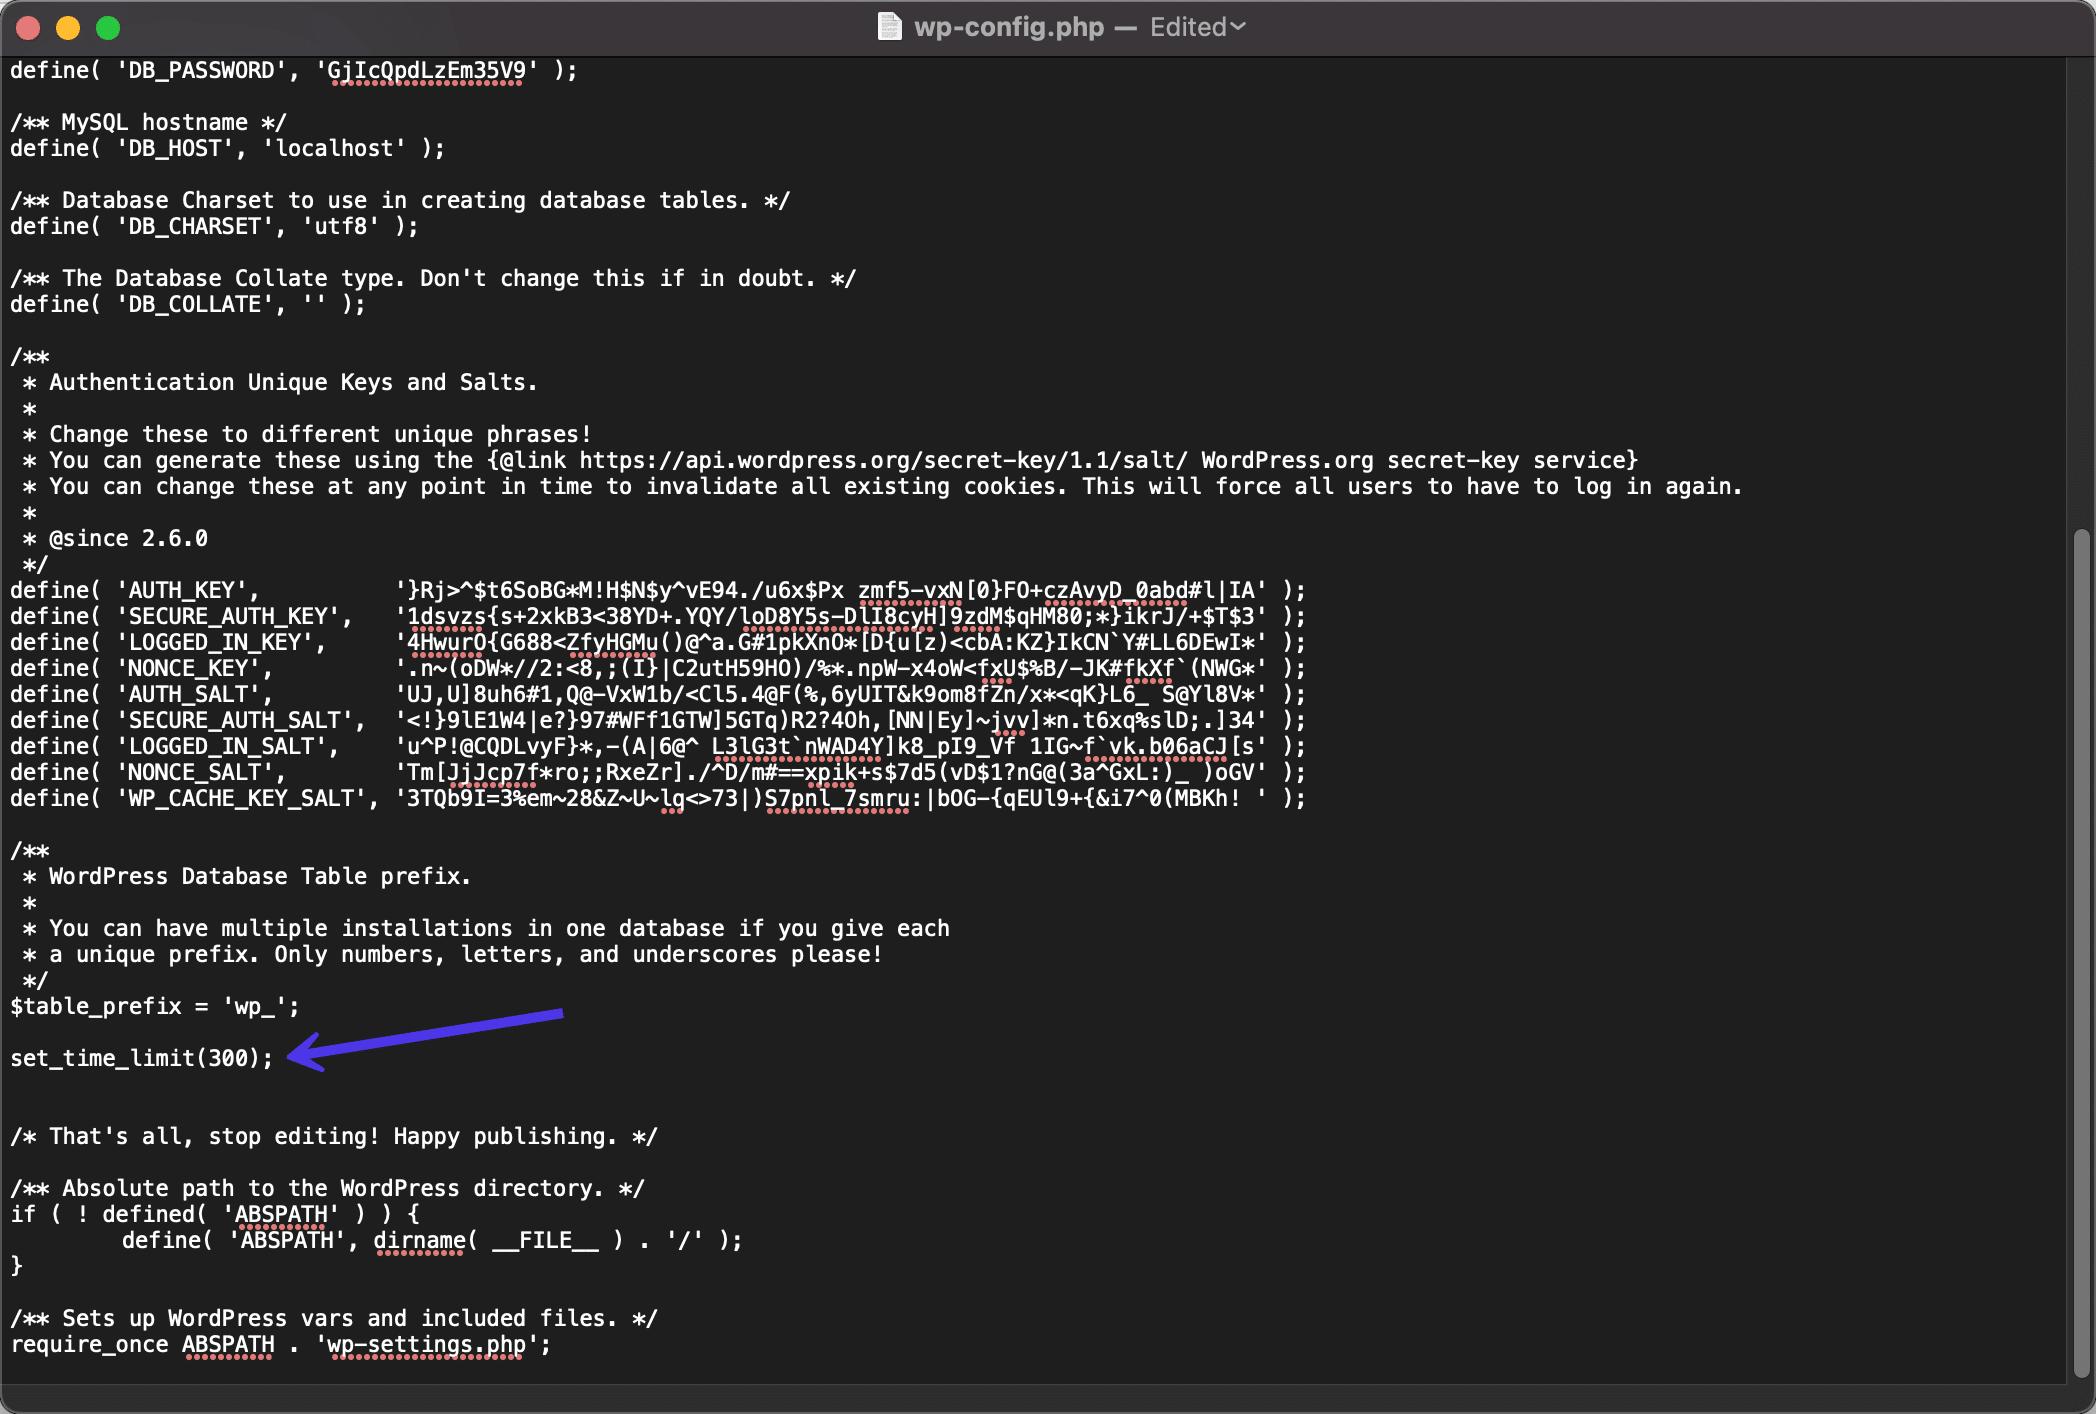 Nuevo límite de tiempo para WordPress max_execution_time